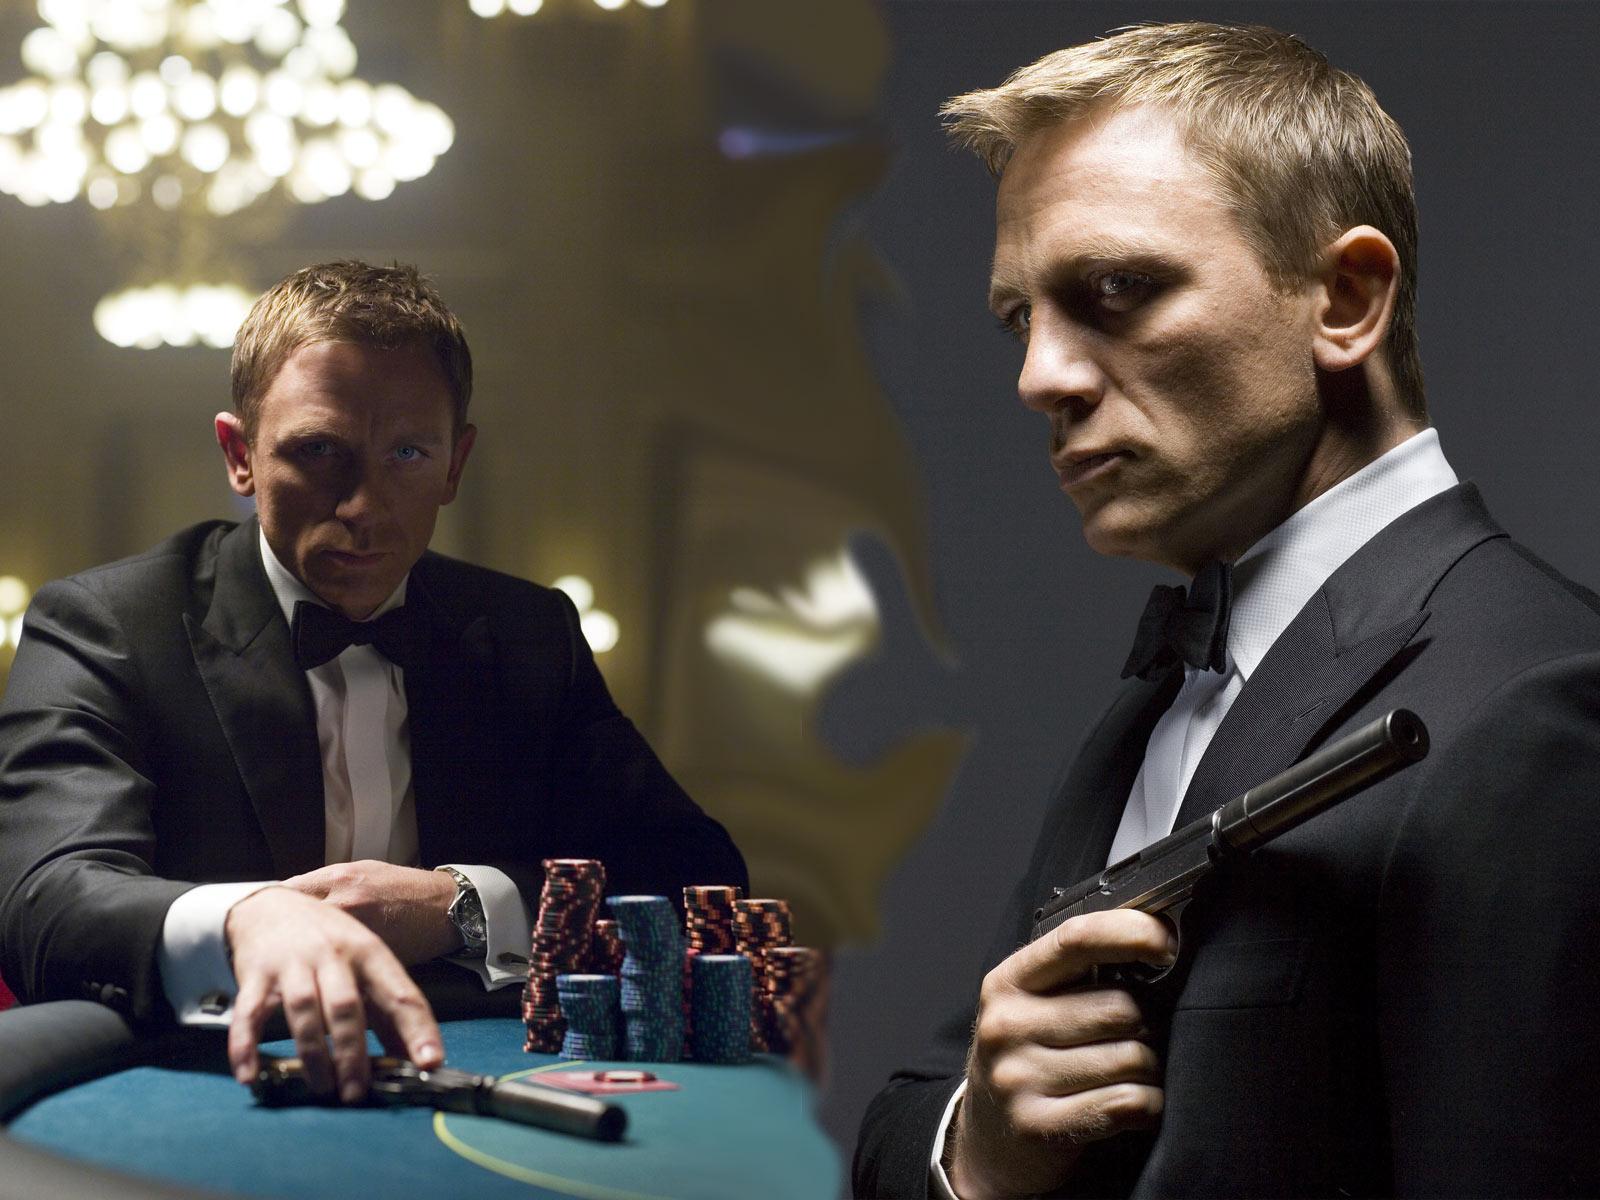 http://2.bp.blogspot.com/-7jQ_THpxSJk/UKaCNk4PDnI/AAAAAAAAAcA/H6KVBkU-flM/s1600/Daniel_Craig-James-Bond.jpg